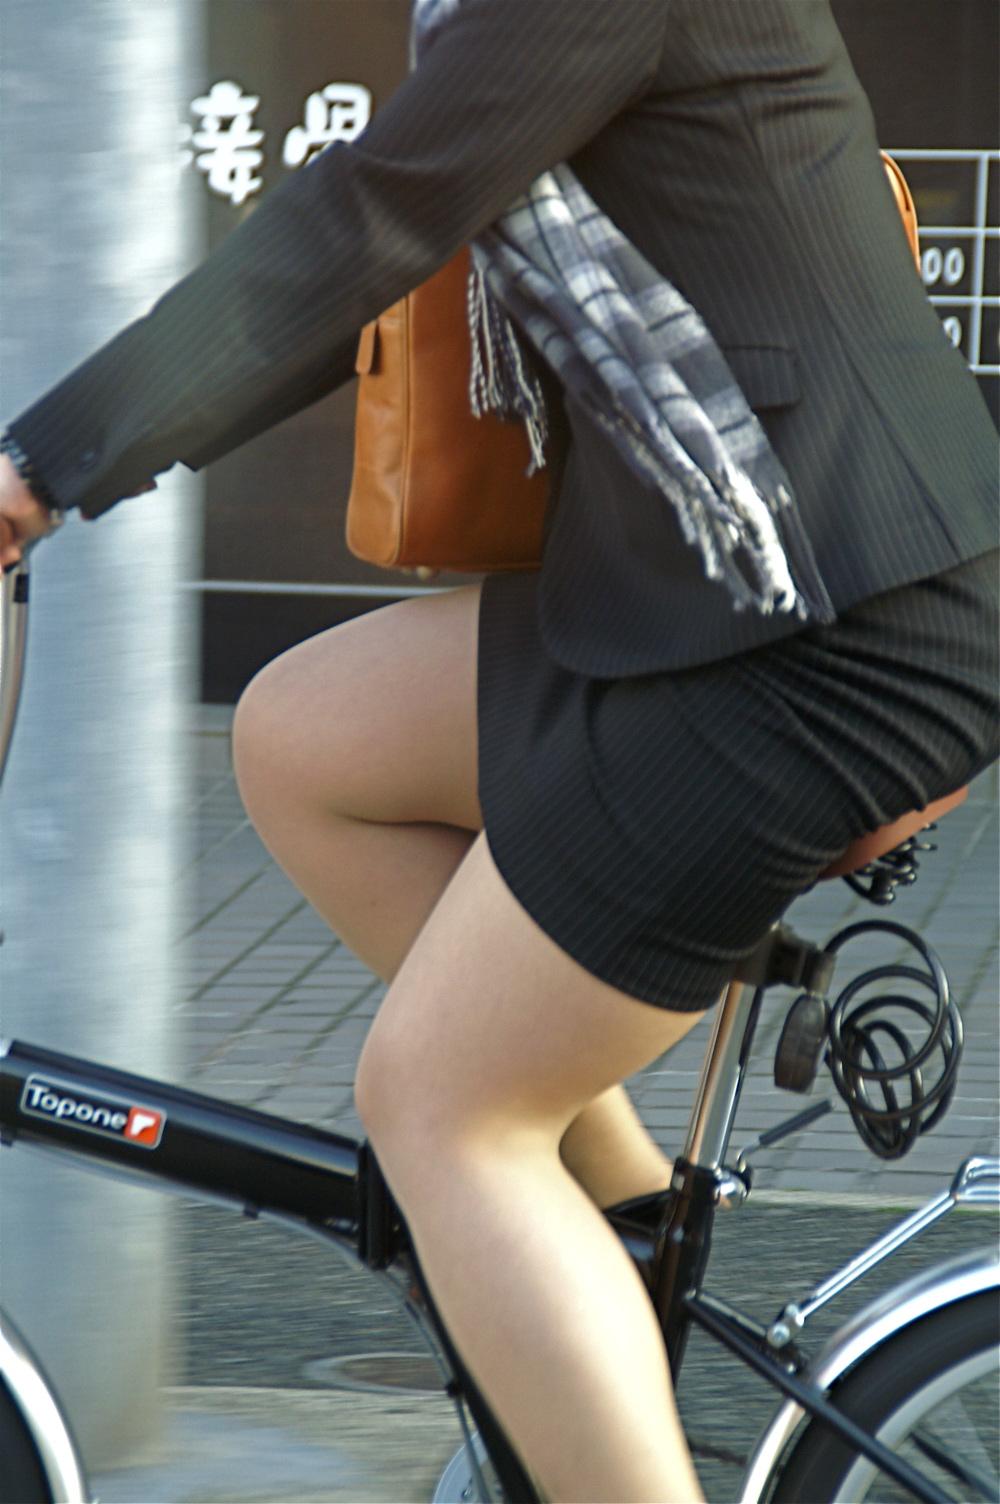 【街撮り自転車画像】おいサドル、代われ!と思ってしまいそうな自転車上の女尻 18